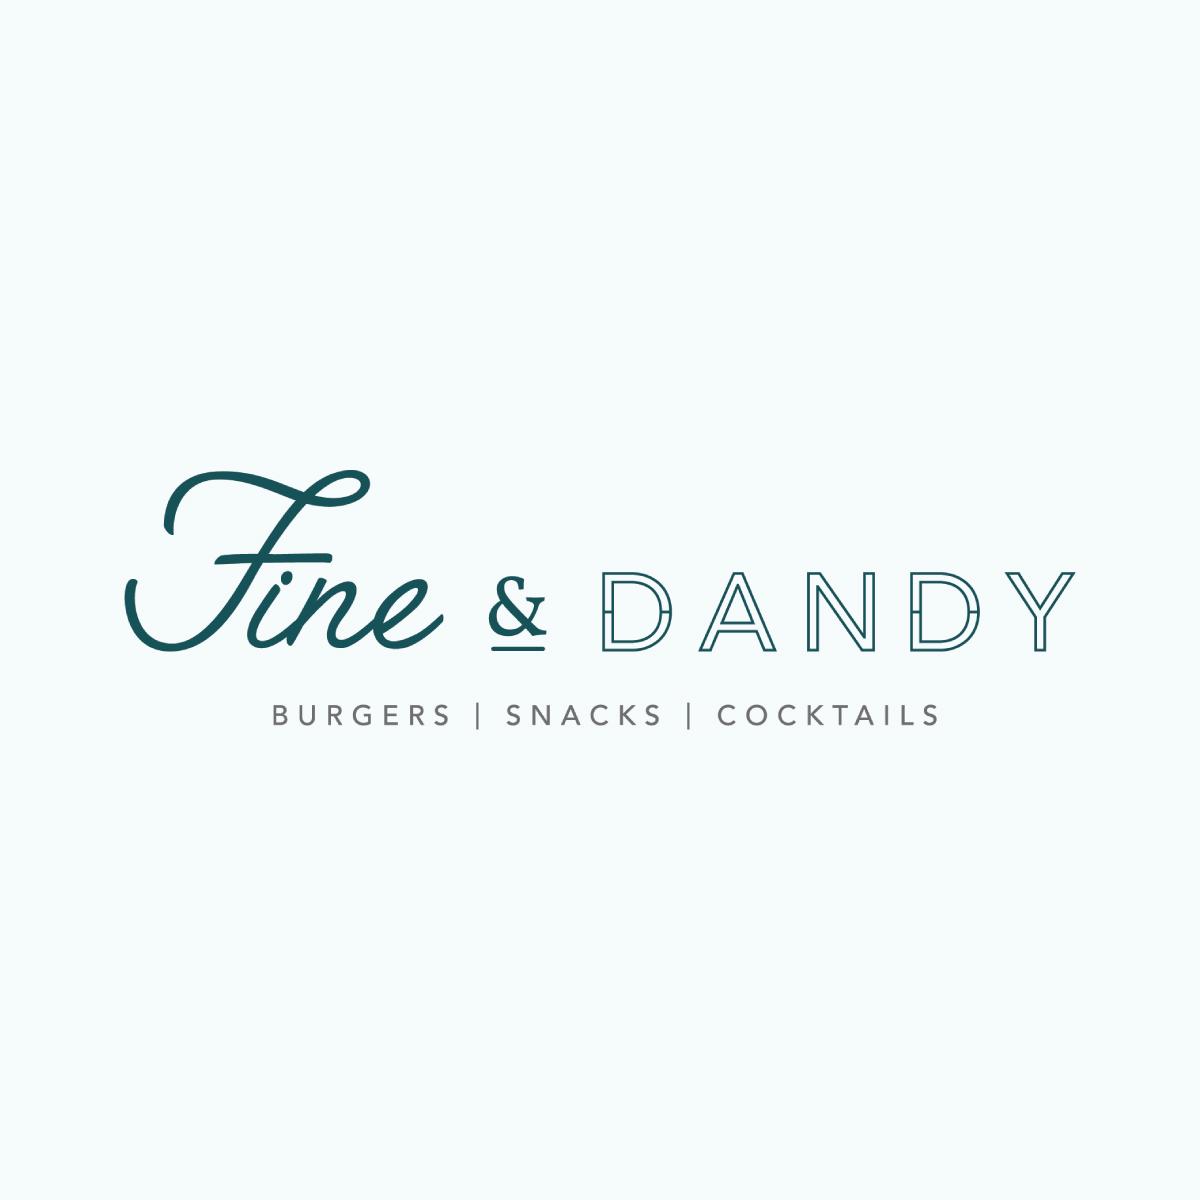 Fine-Dandy.jpg